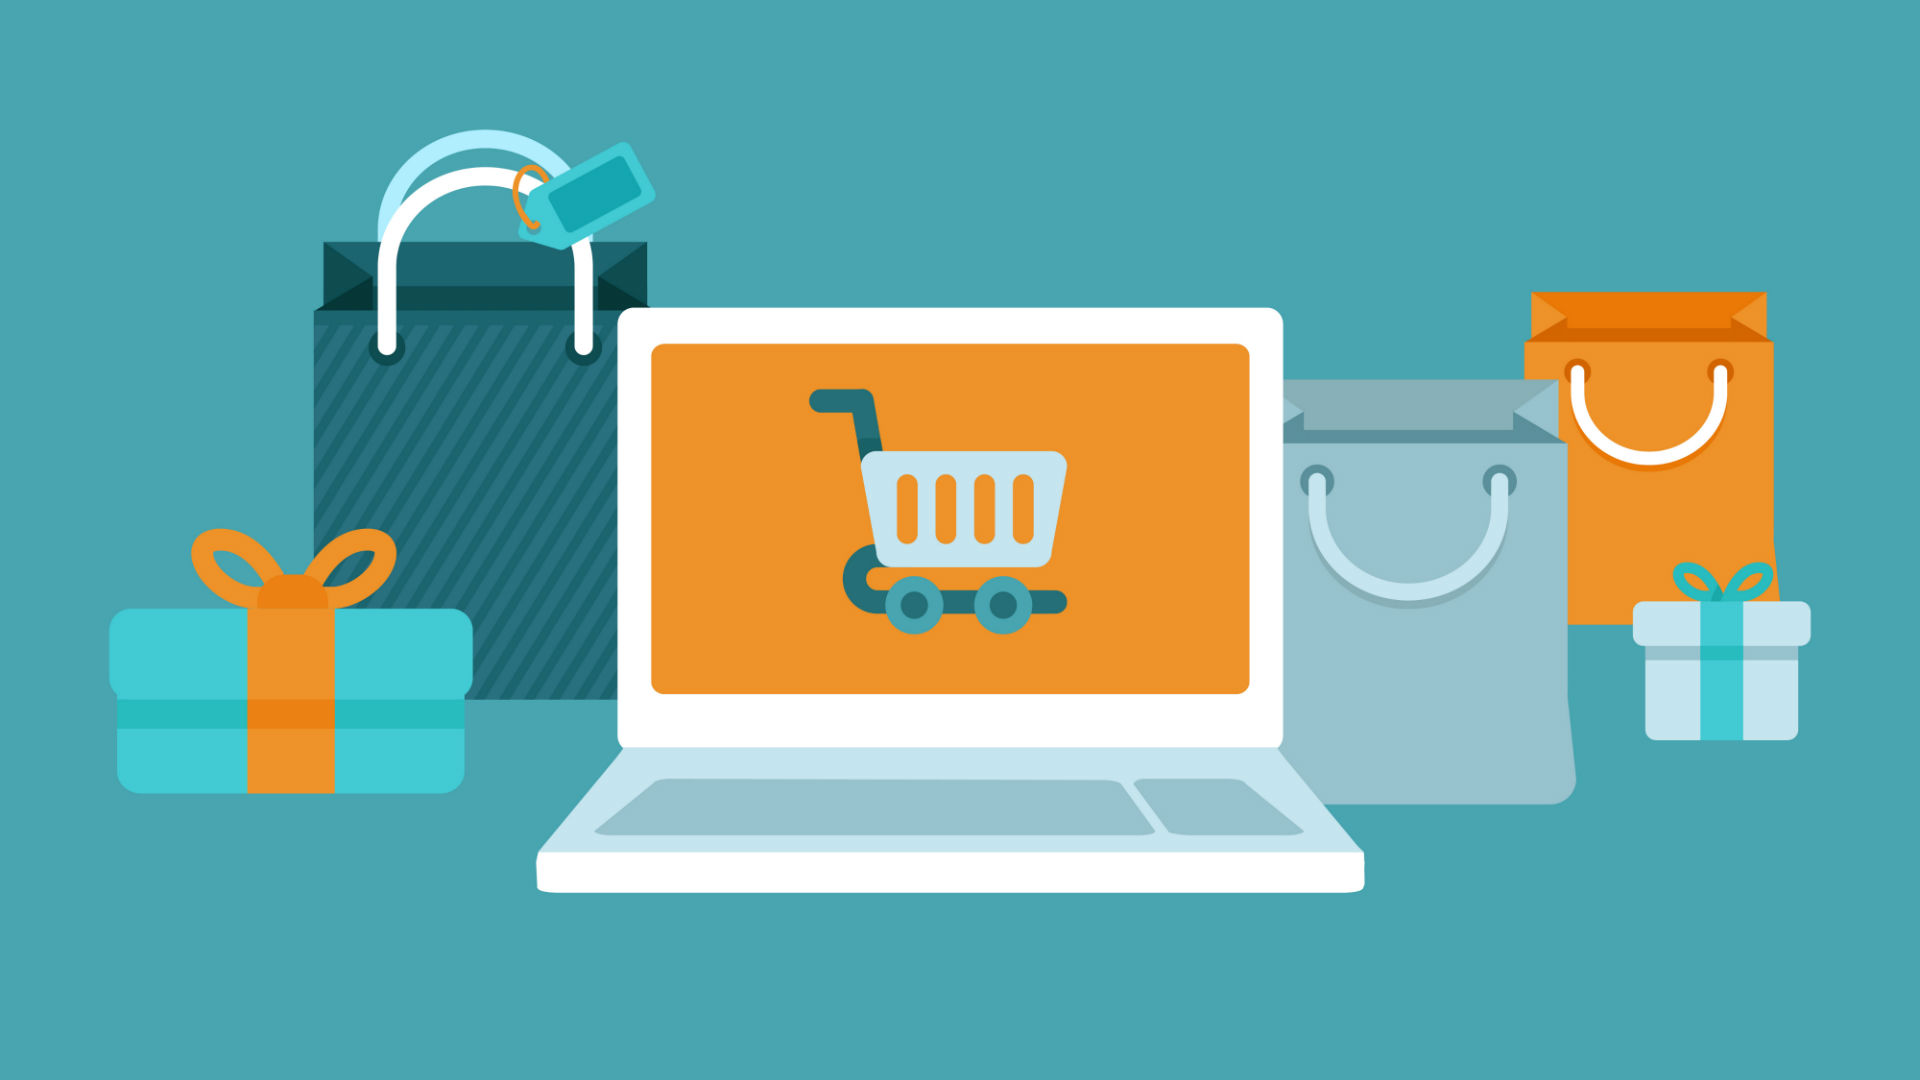 Иллюстрация на тему закупок в интернете